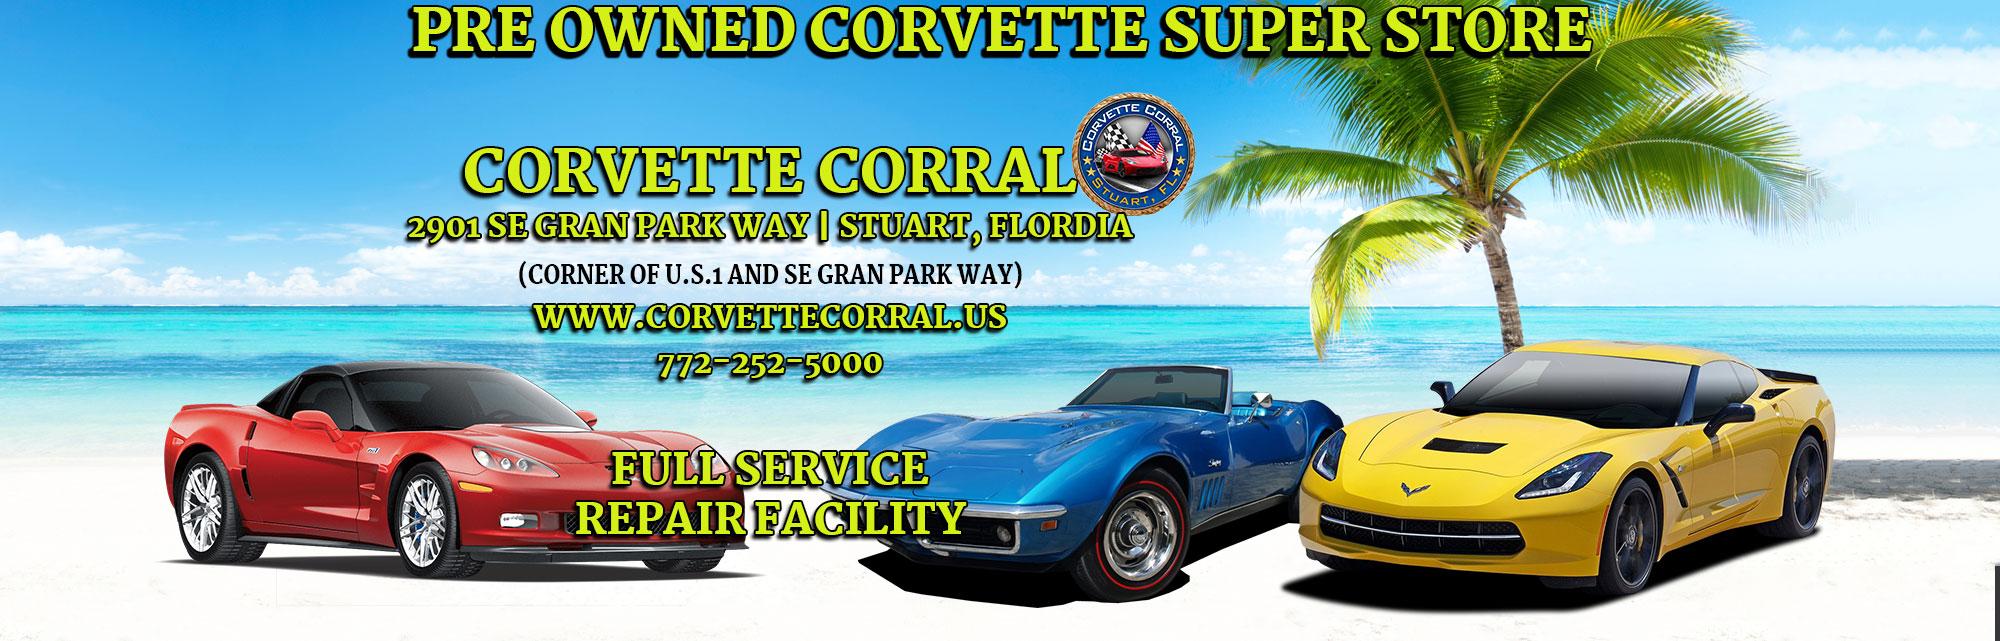 corvette corral used cars stuart fl dealer. Black Bedroom Furniture Sets. Home Design Ideas